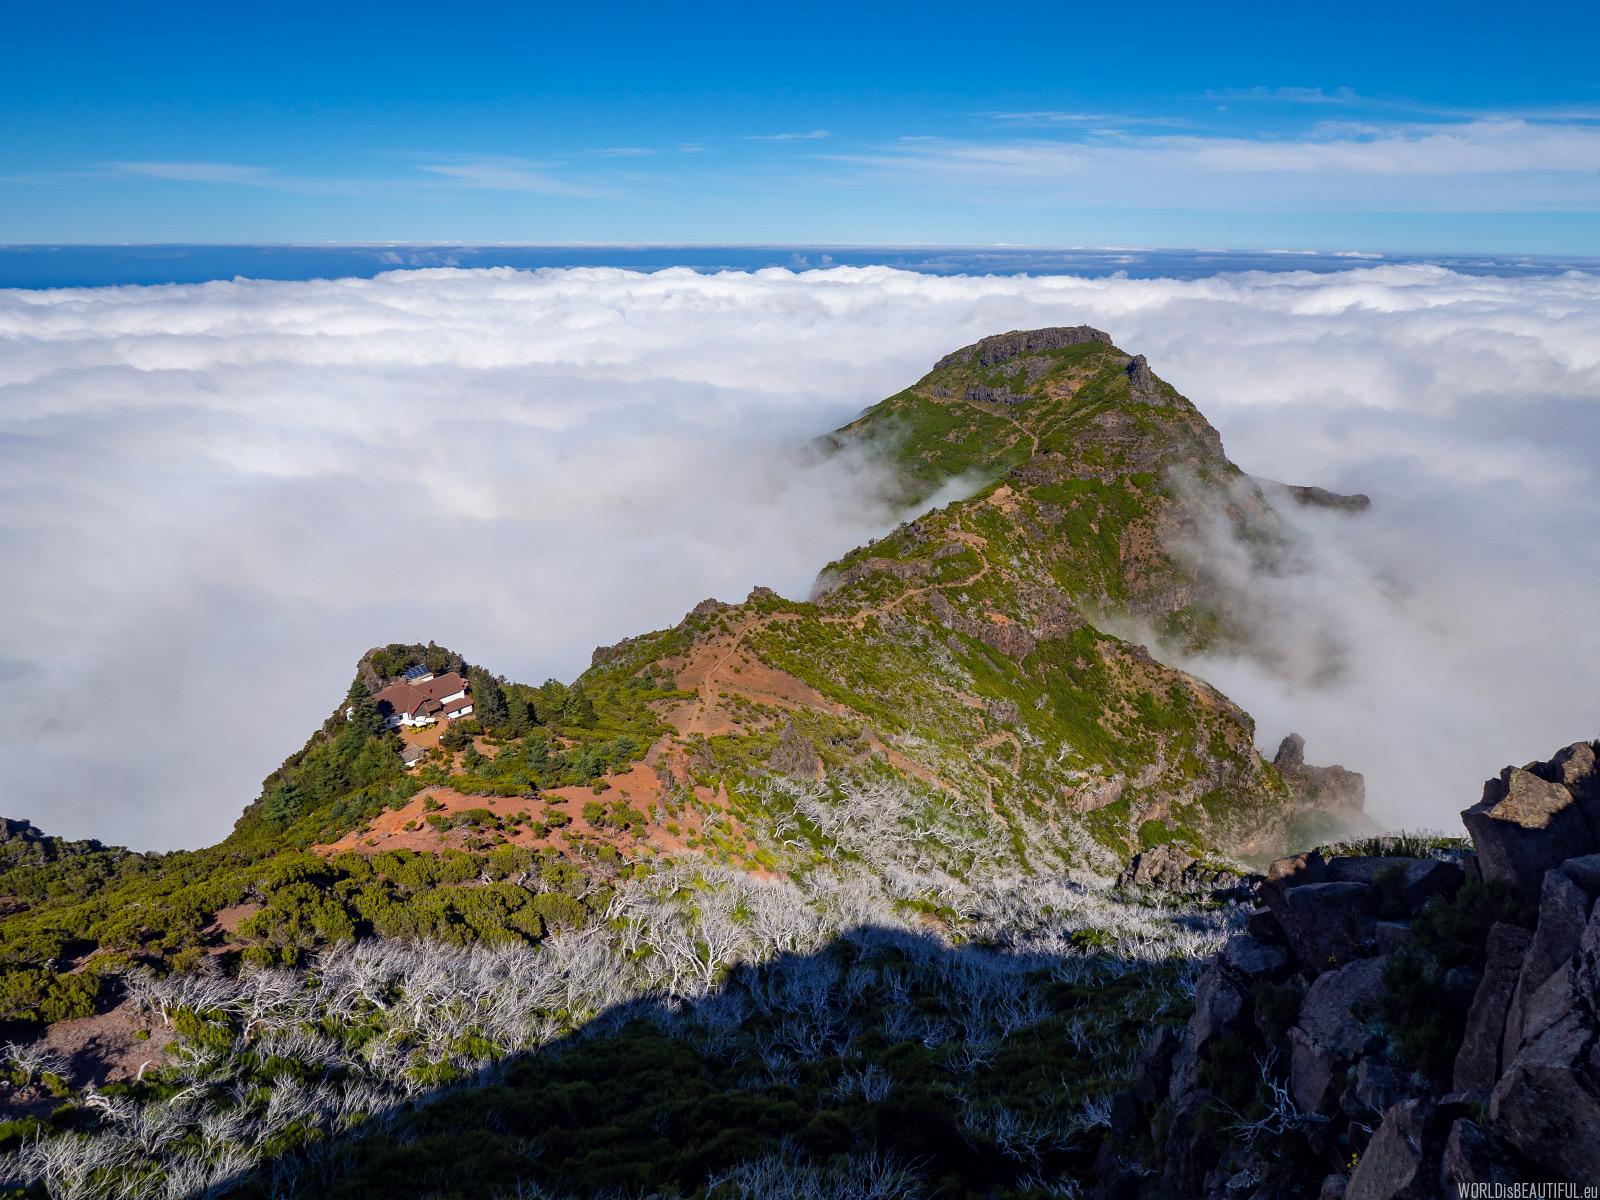 Mountain hut under Pico Ruivo